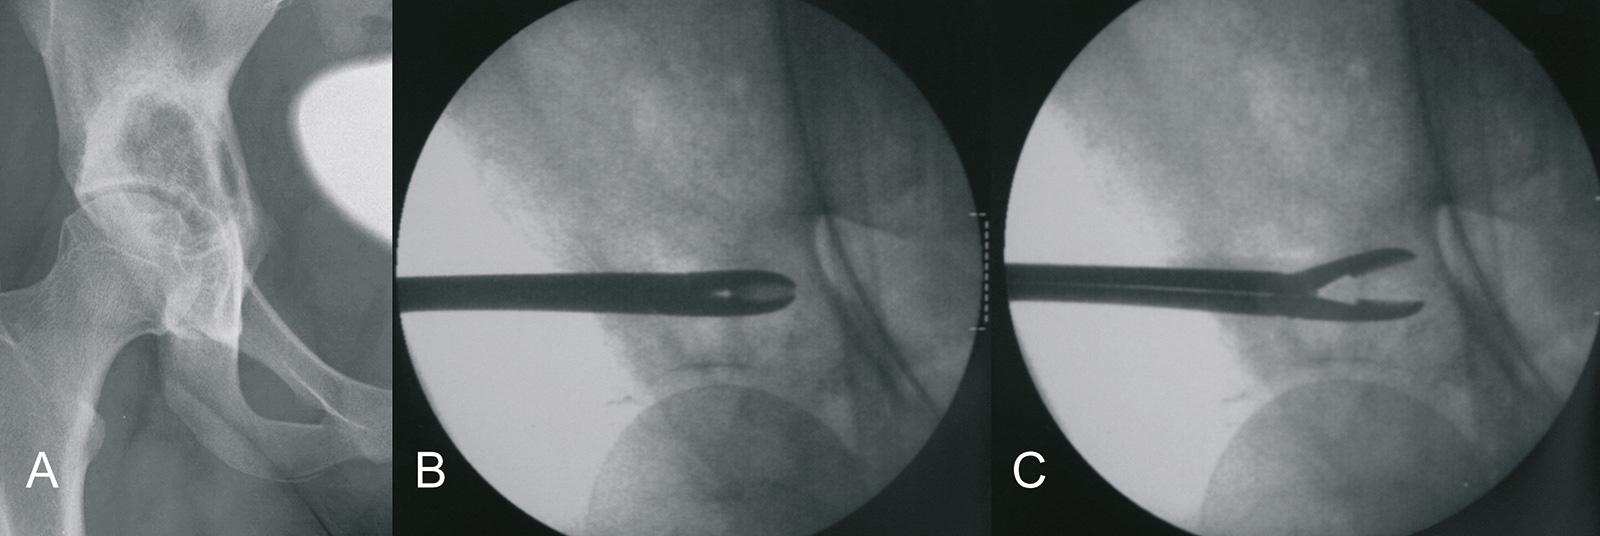 Abb. 8-1: Unklarer Prozess des rechten Os ilium (A). Probeentnahme (B-C)